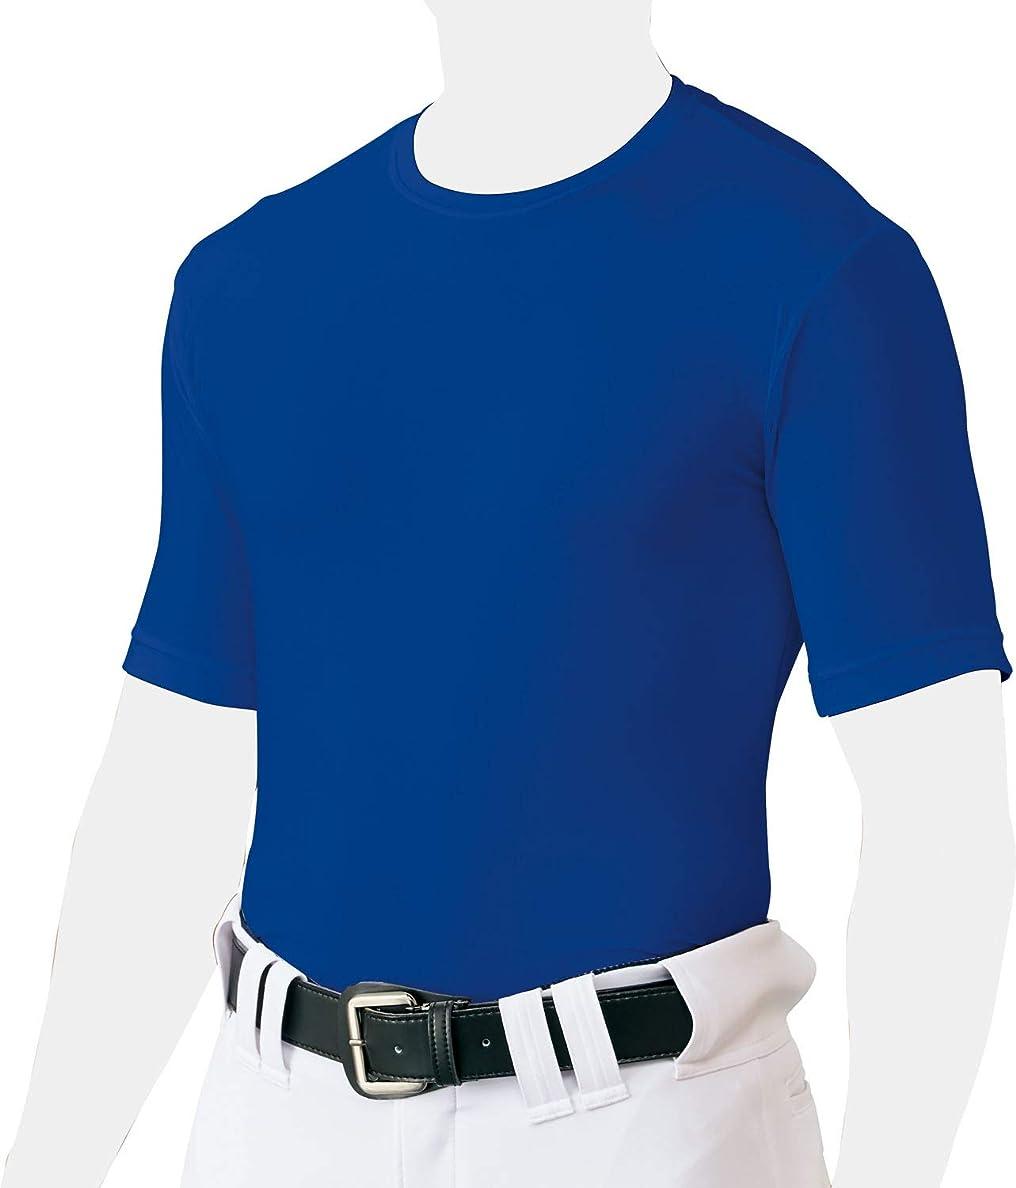 有用オートメーションロッドZETT(ゼット) 野球 アンダーシャツ クルーネック 半袖 ライトフィットタイプ BO1810